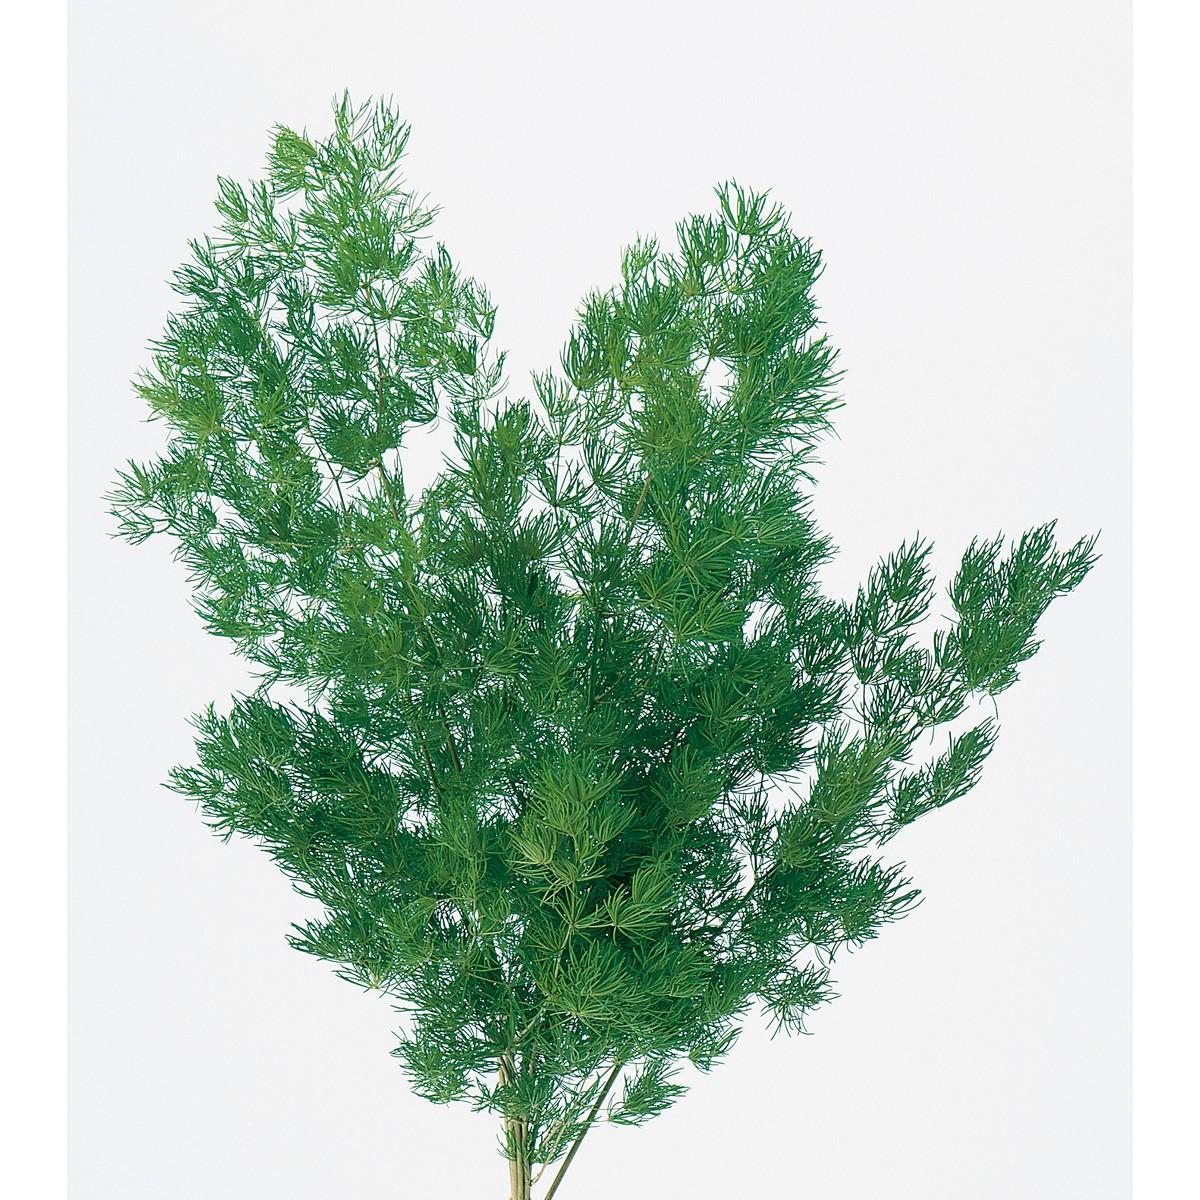 プリザーブドフラワー プリザーブドグリーン 葉物 値下げ 手作り 材料 当店限定販売 即日 00160-700プリザーブドフラワー ミリオクラダス プリザーブド 15gグリーン 大地農園